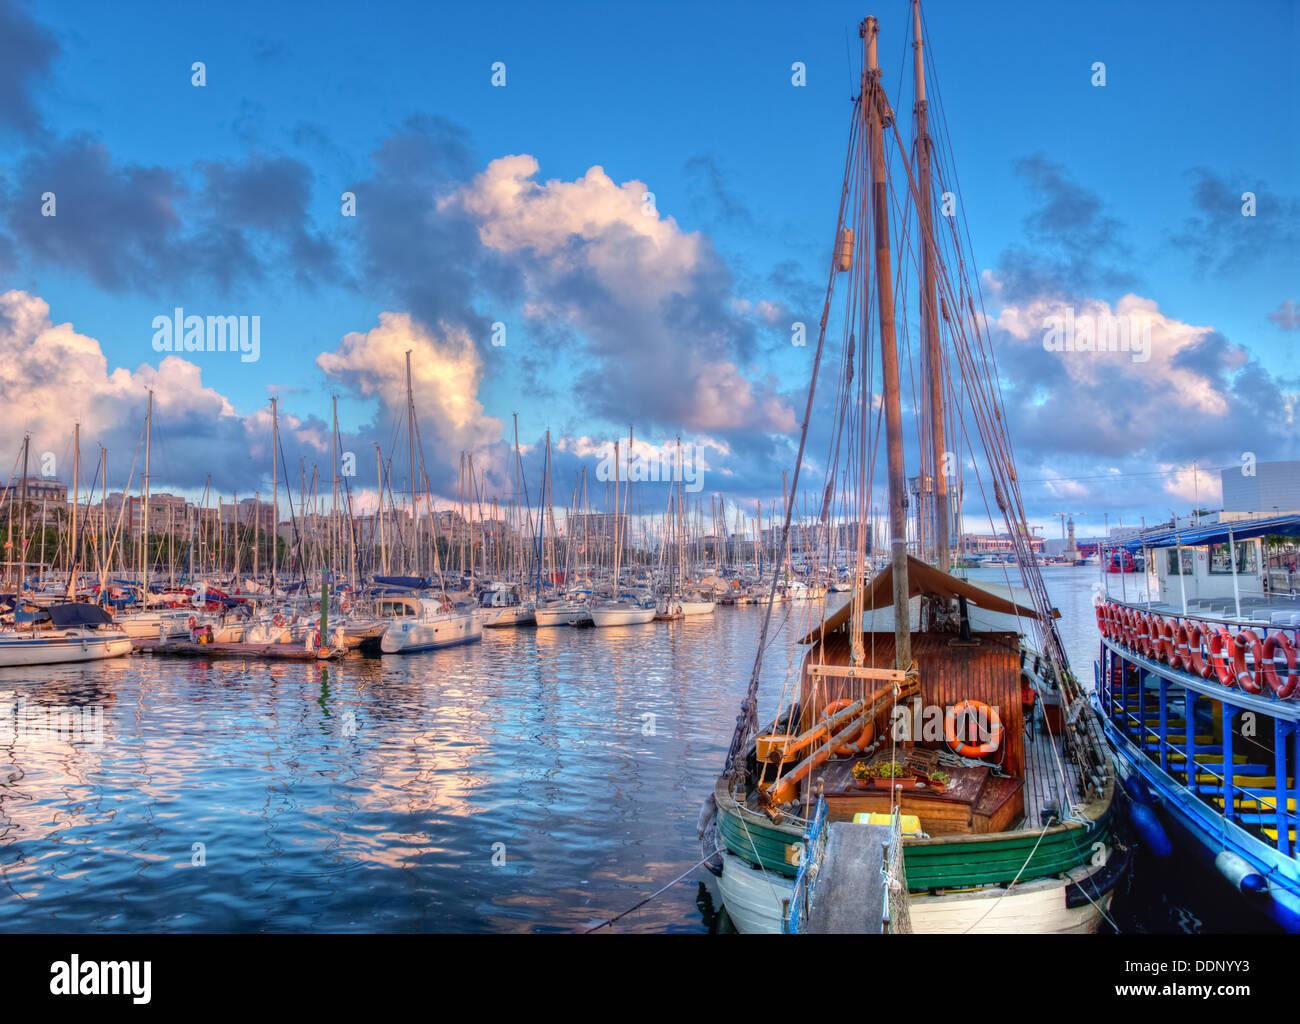 El puerto de Barcelona, al atardecer Imagen De Stock